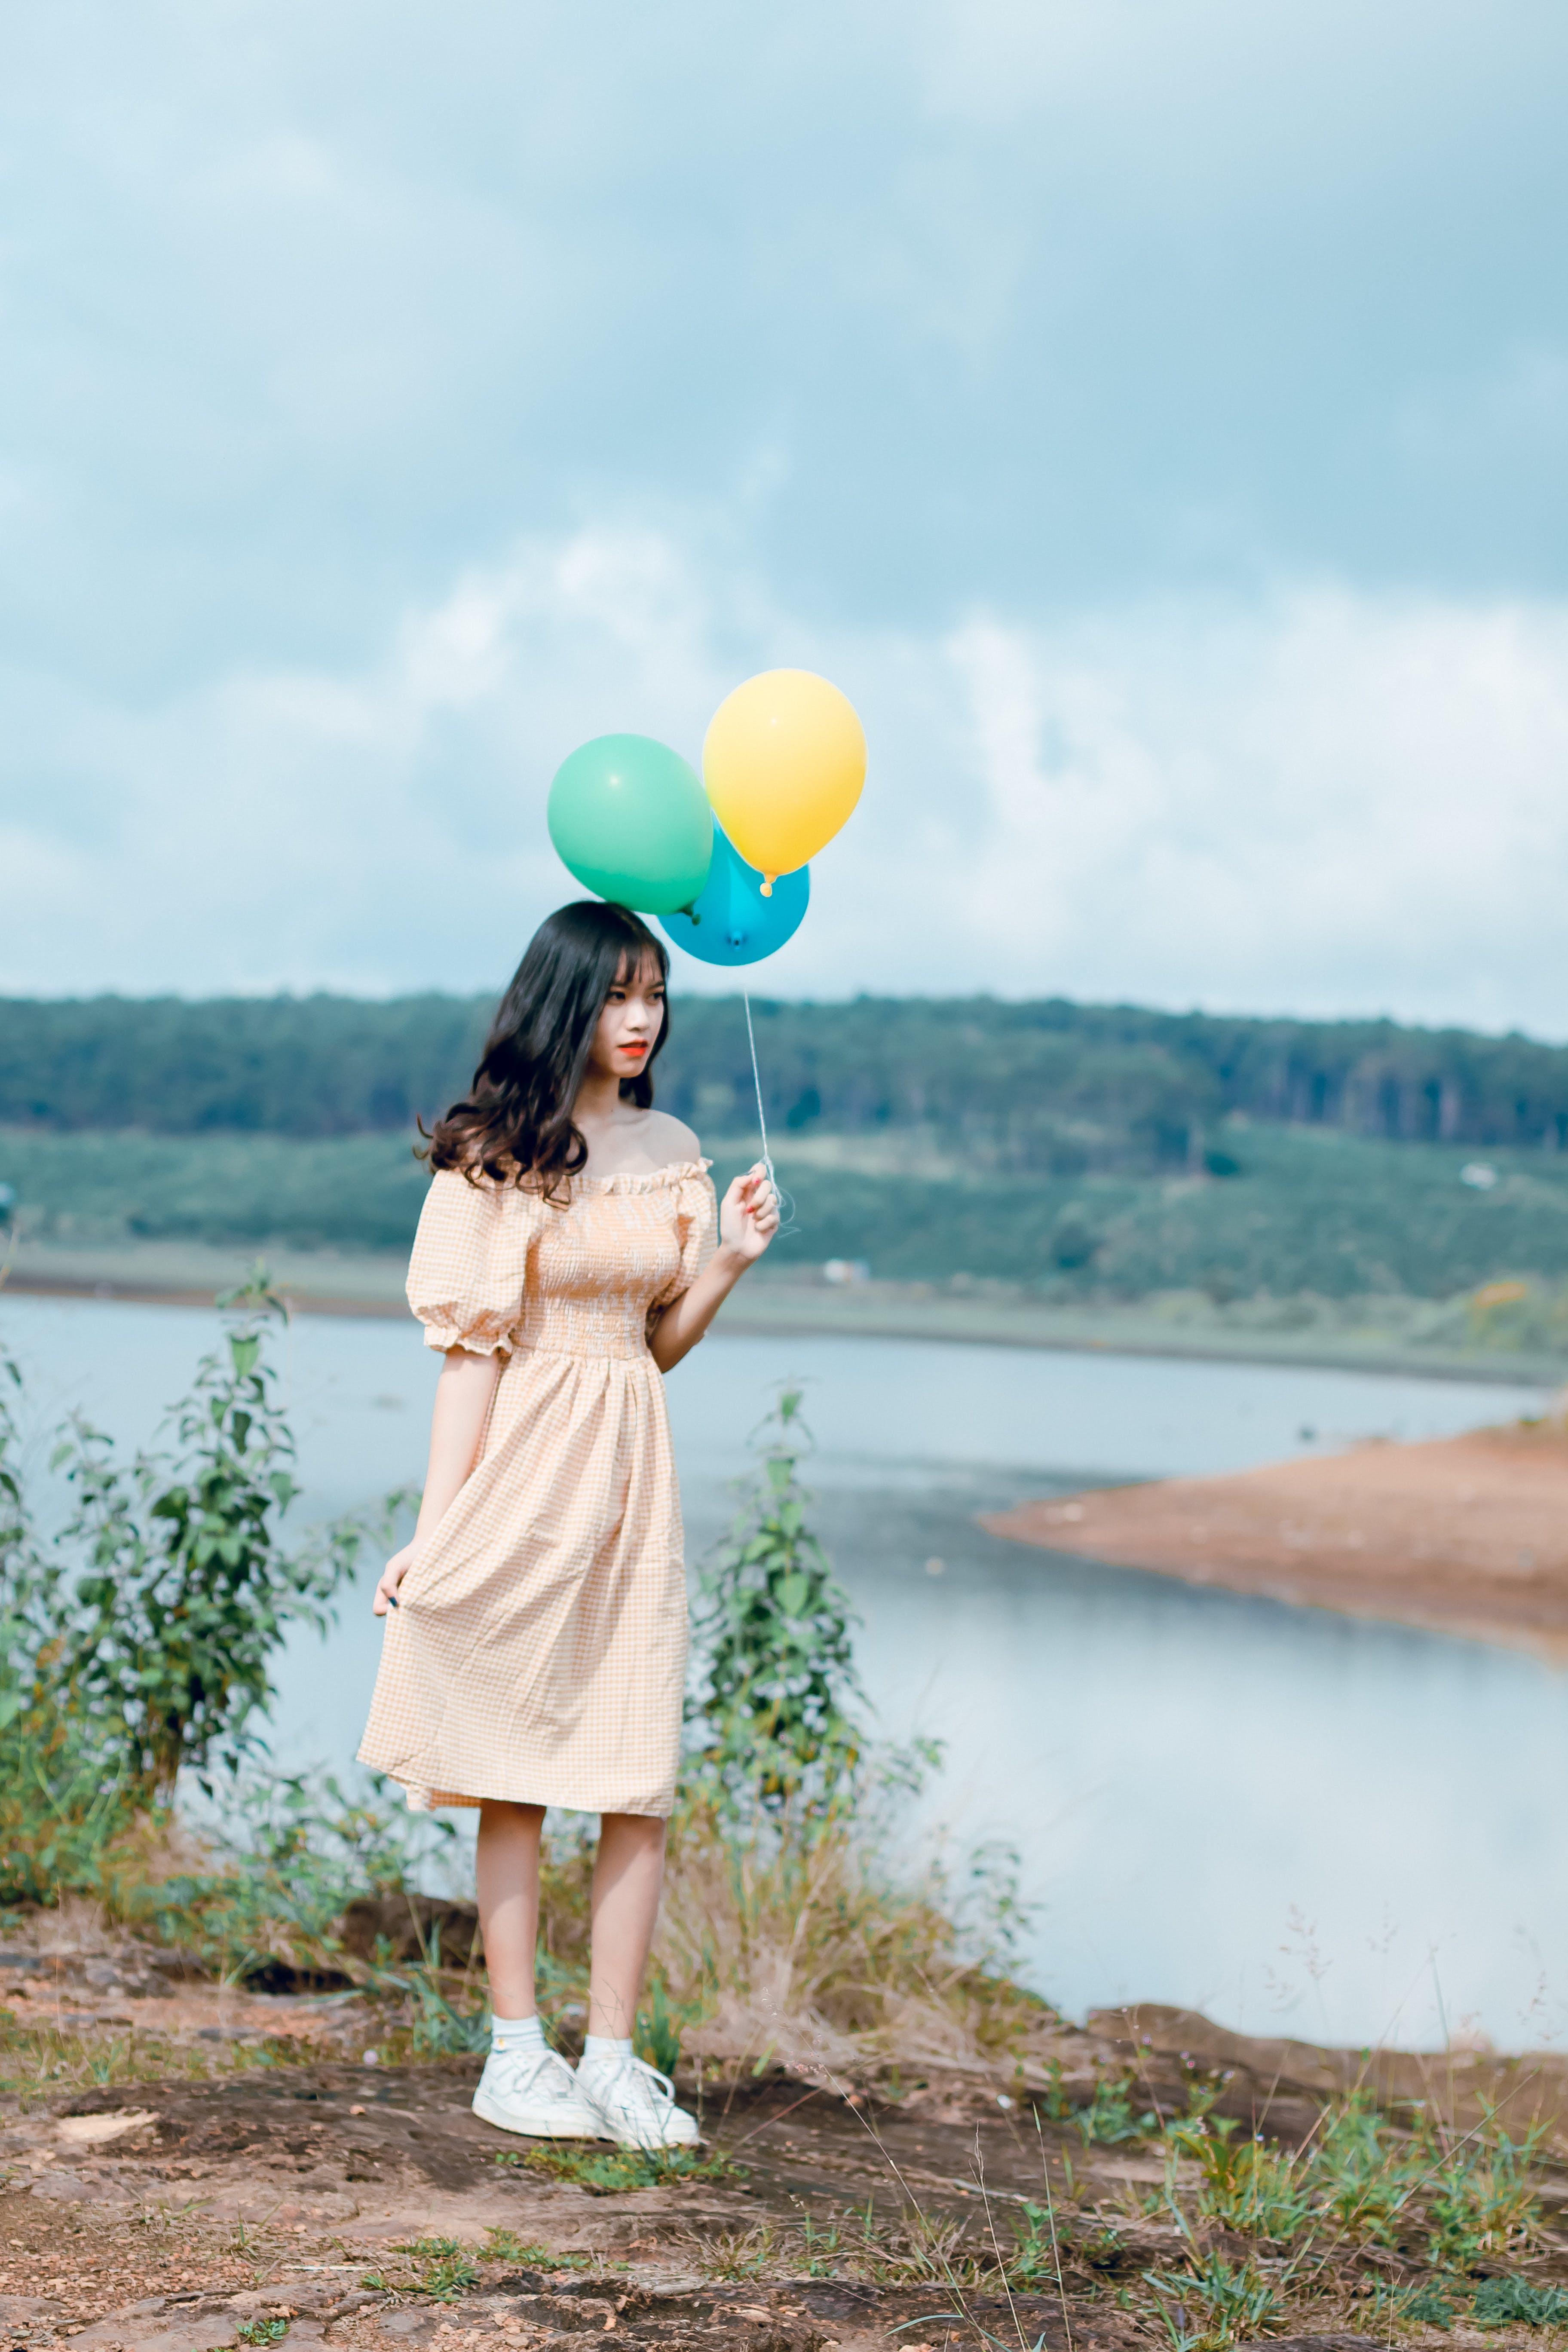 atraente, balões, bem-estar